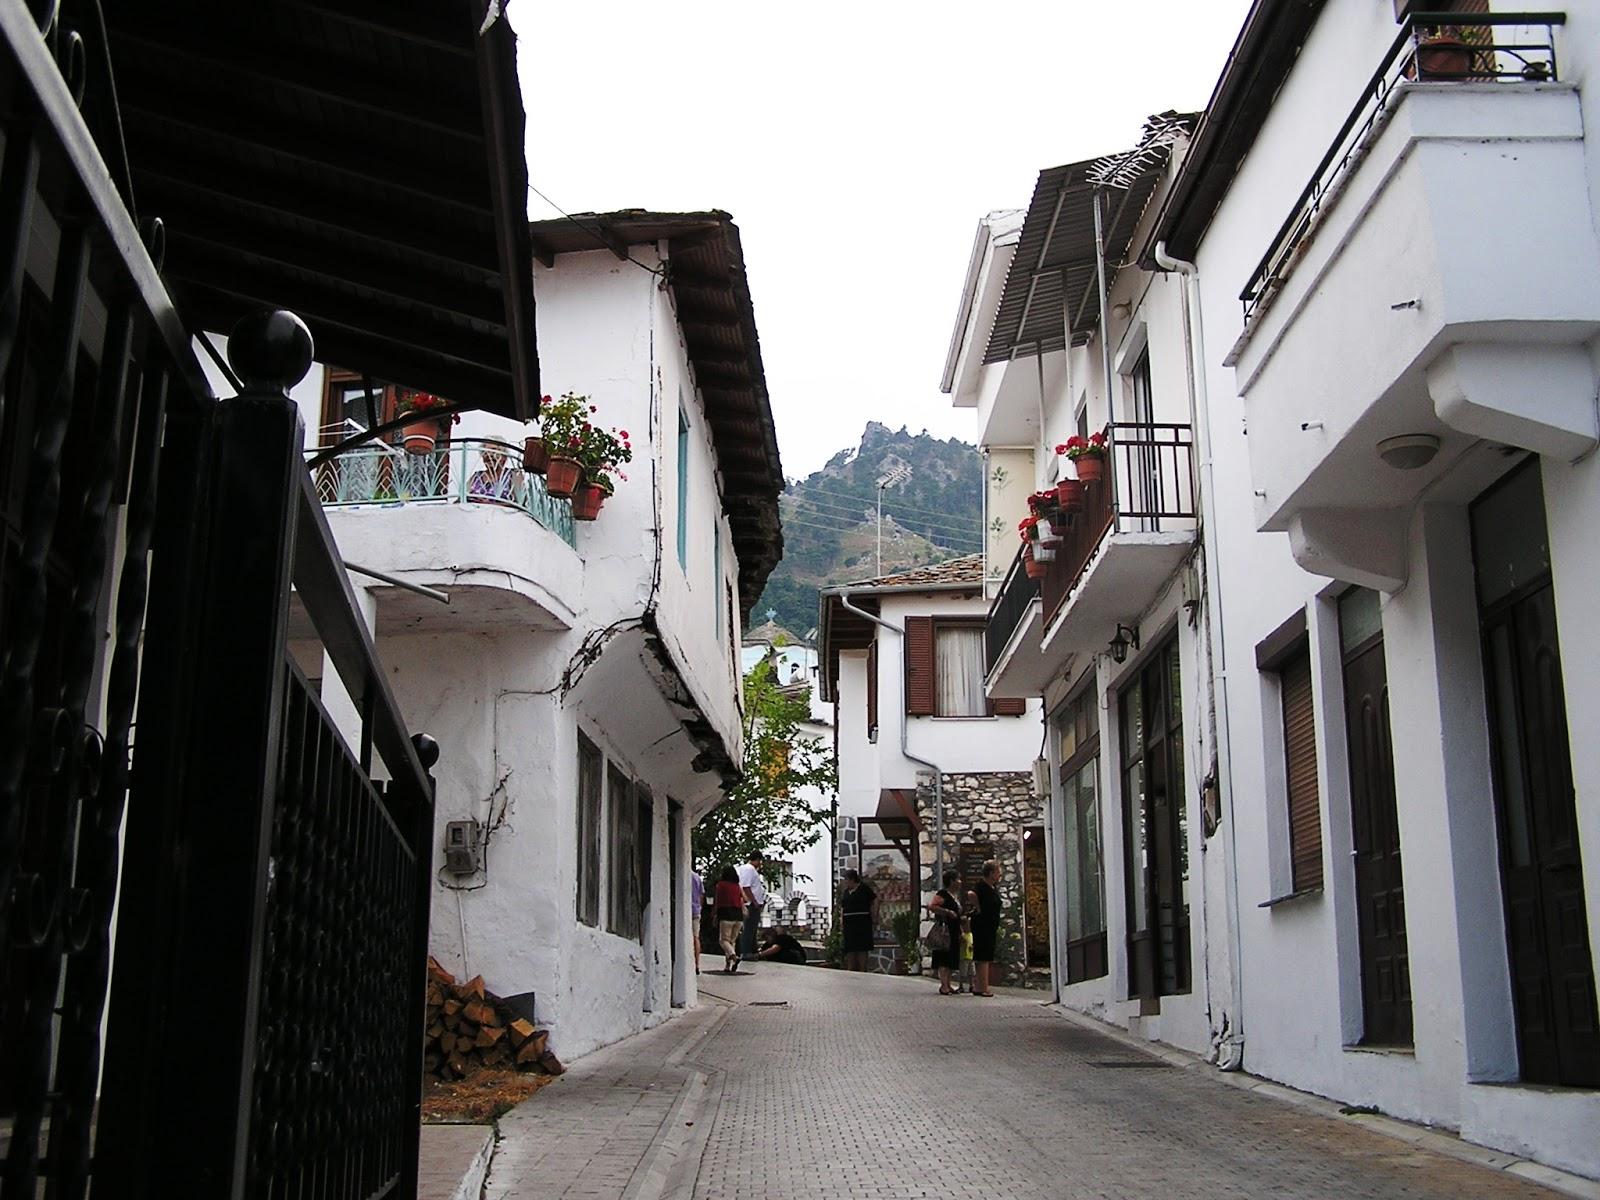 horská vesnice Panagia na ostrově Thassos Řecko